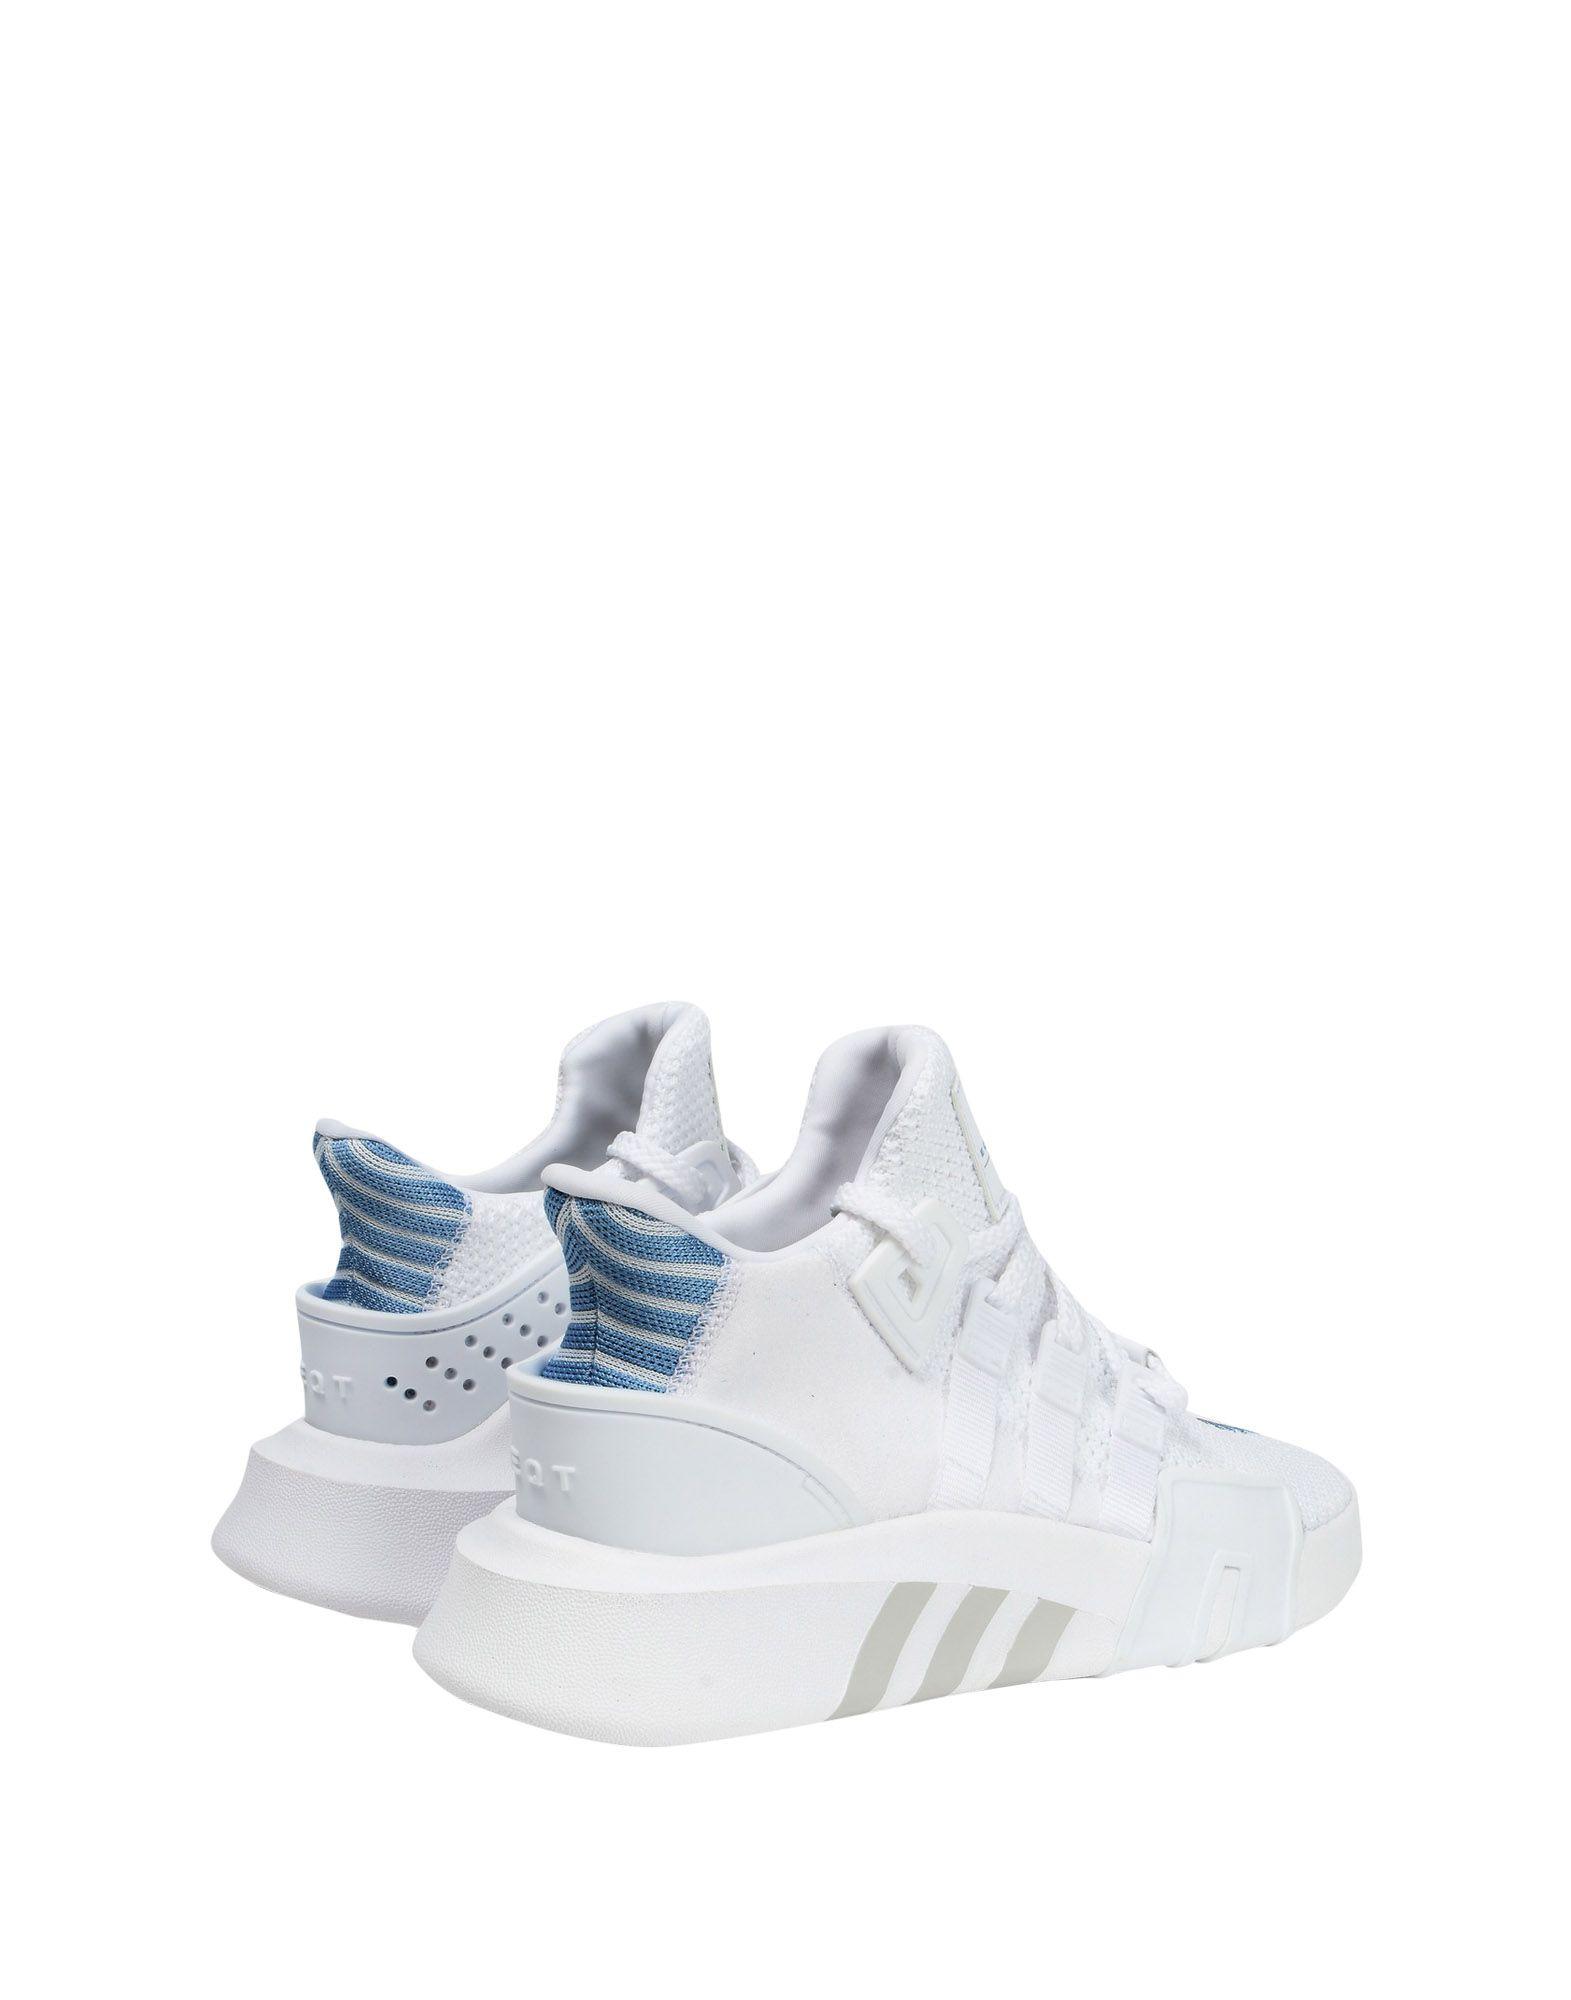 Sneakers Adidas Originals Eqt Bask Adv W - Femme - Sneakers Adidas Originals sur